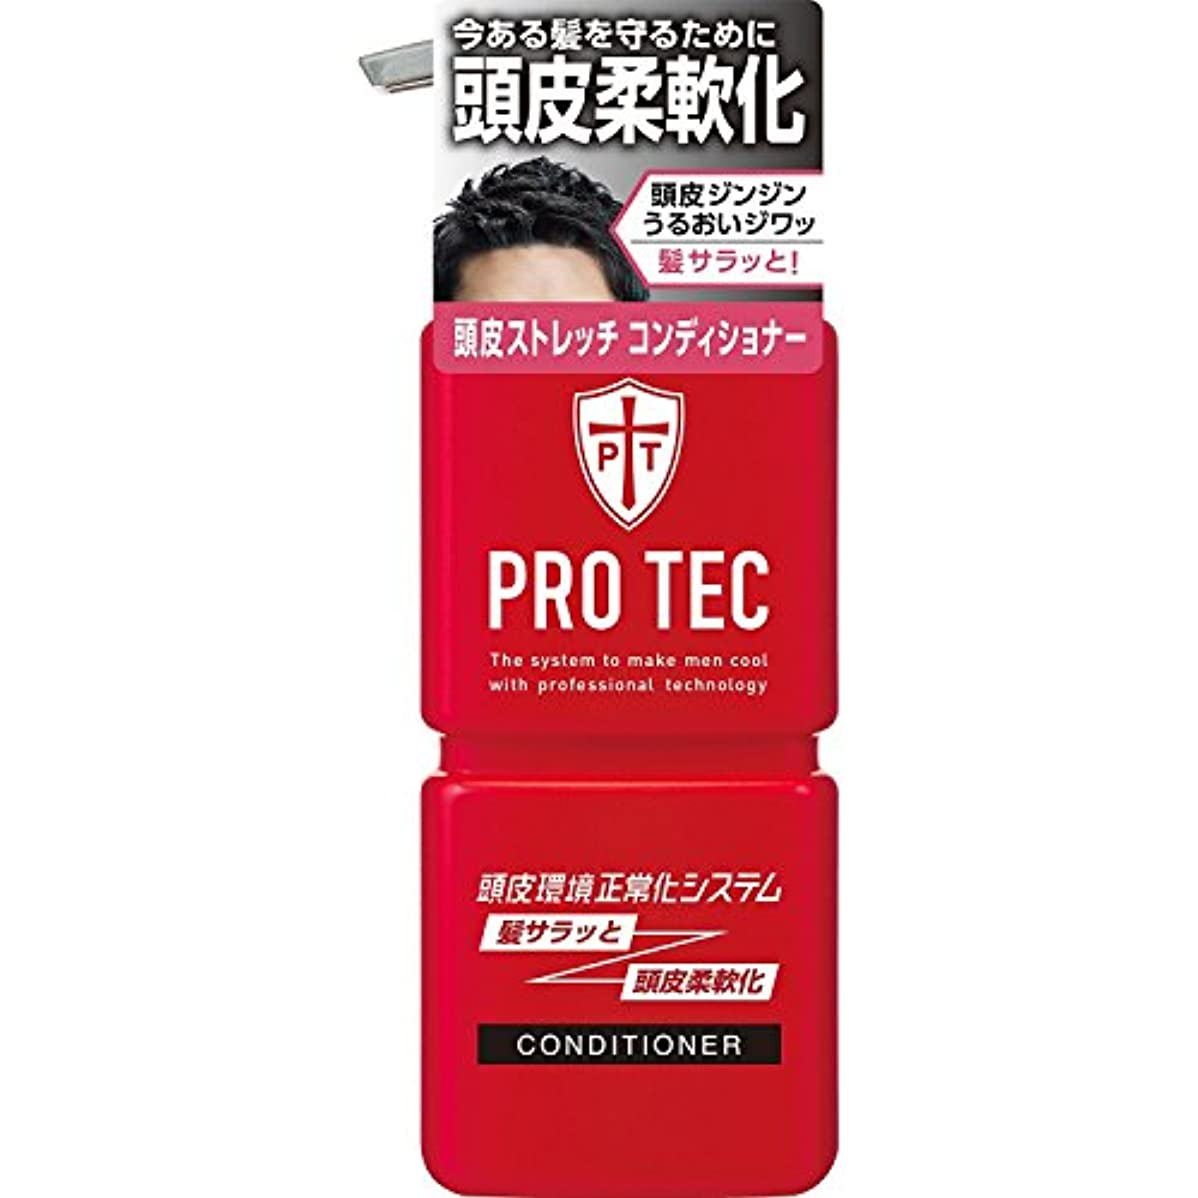 遅いサミット熟すPRO TEC(プロテク) 頭皮ストレッチ コンディショナー 本体ポンプ 300g